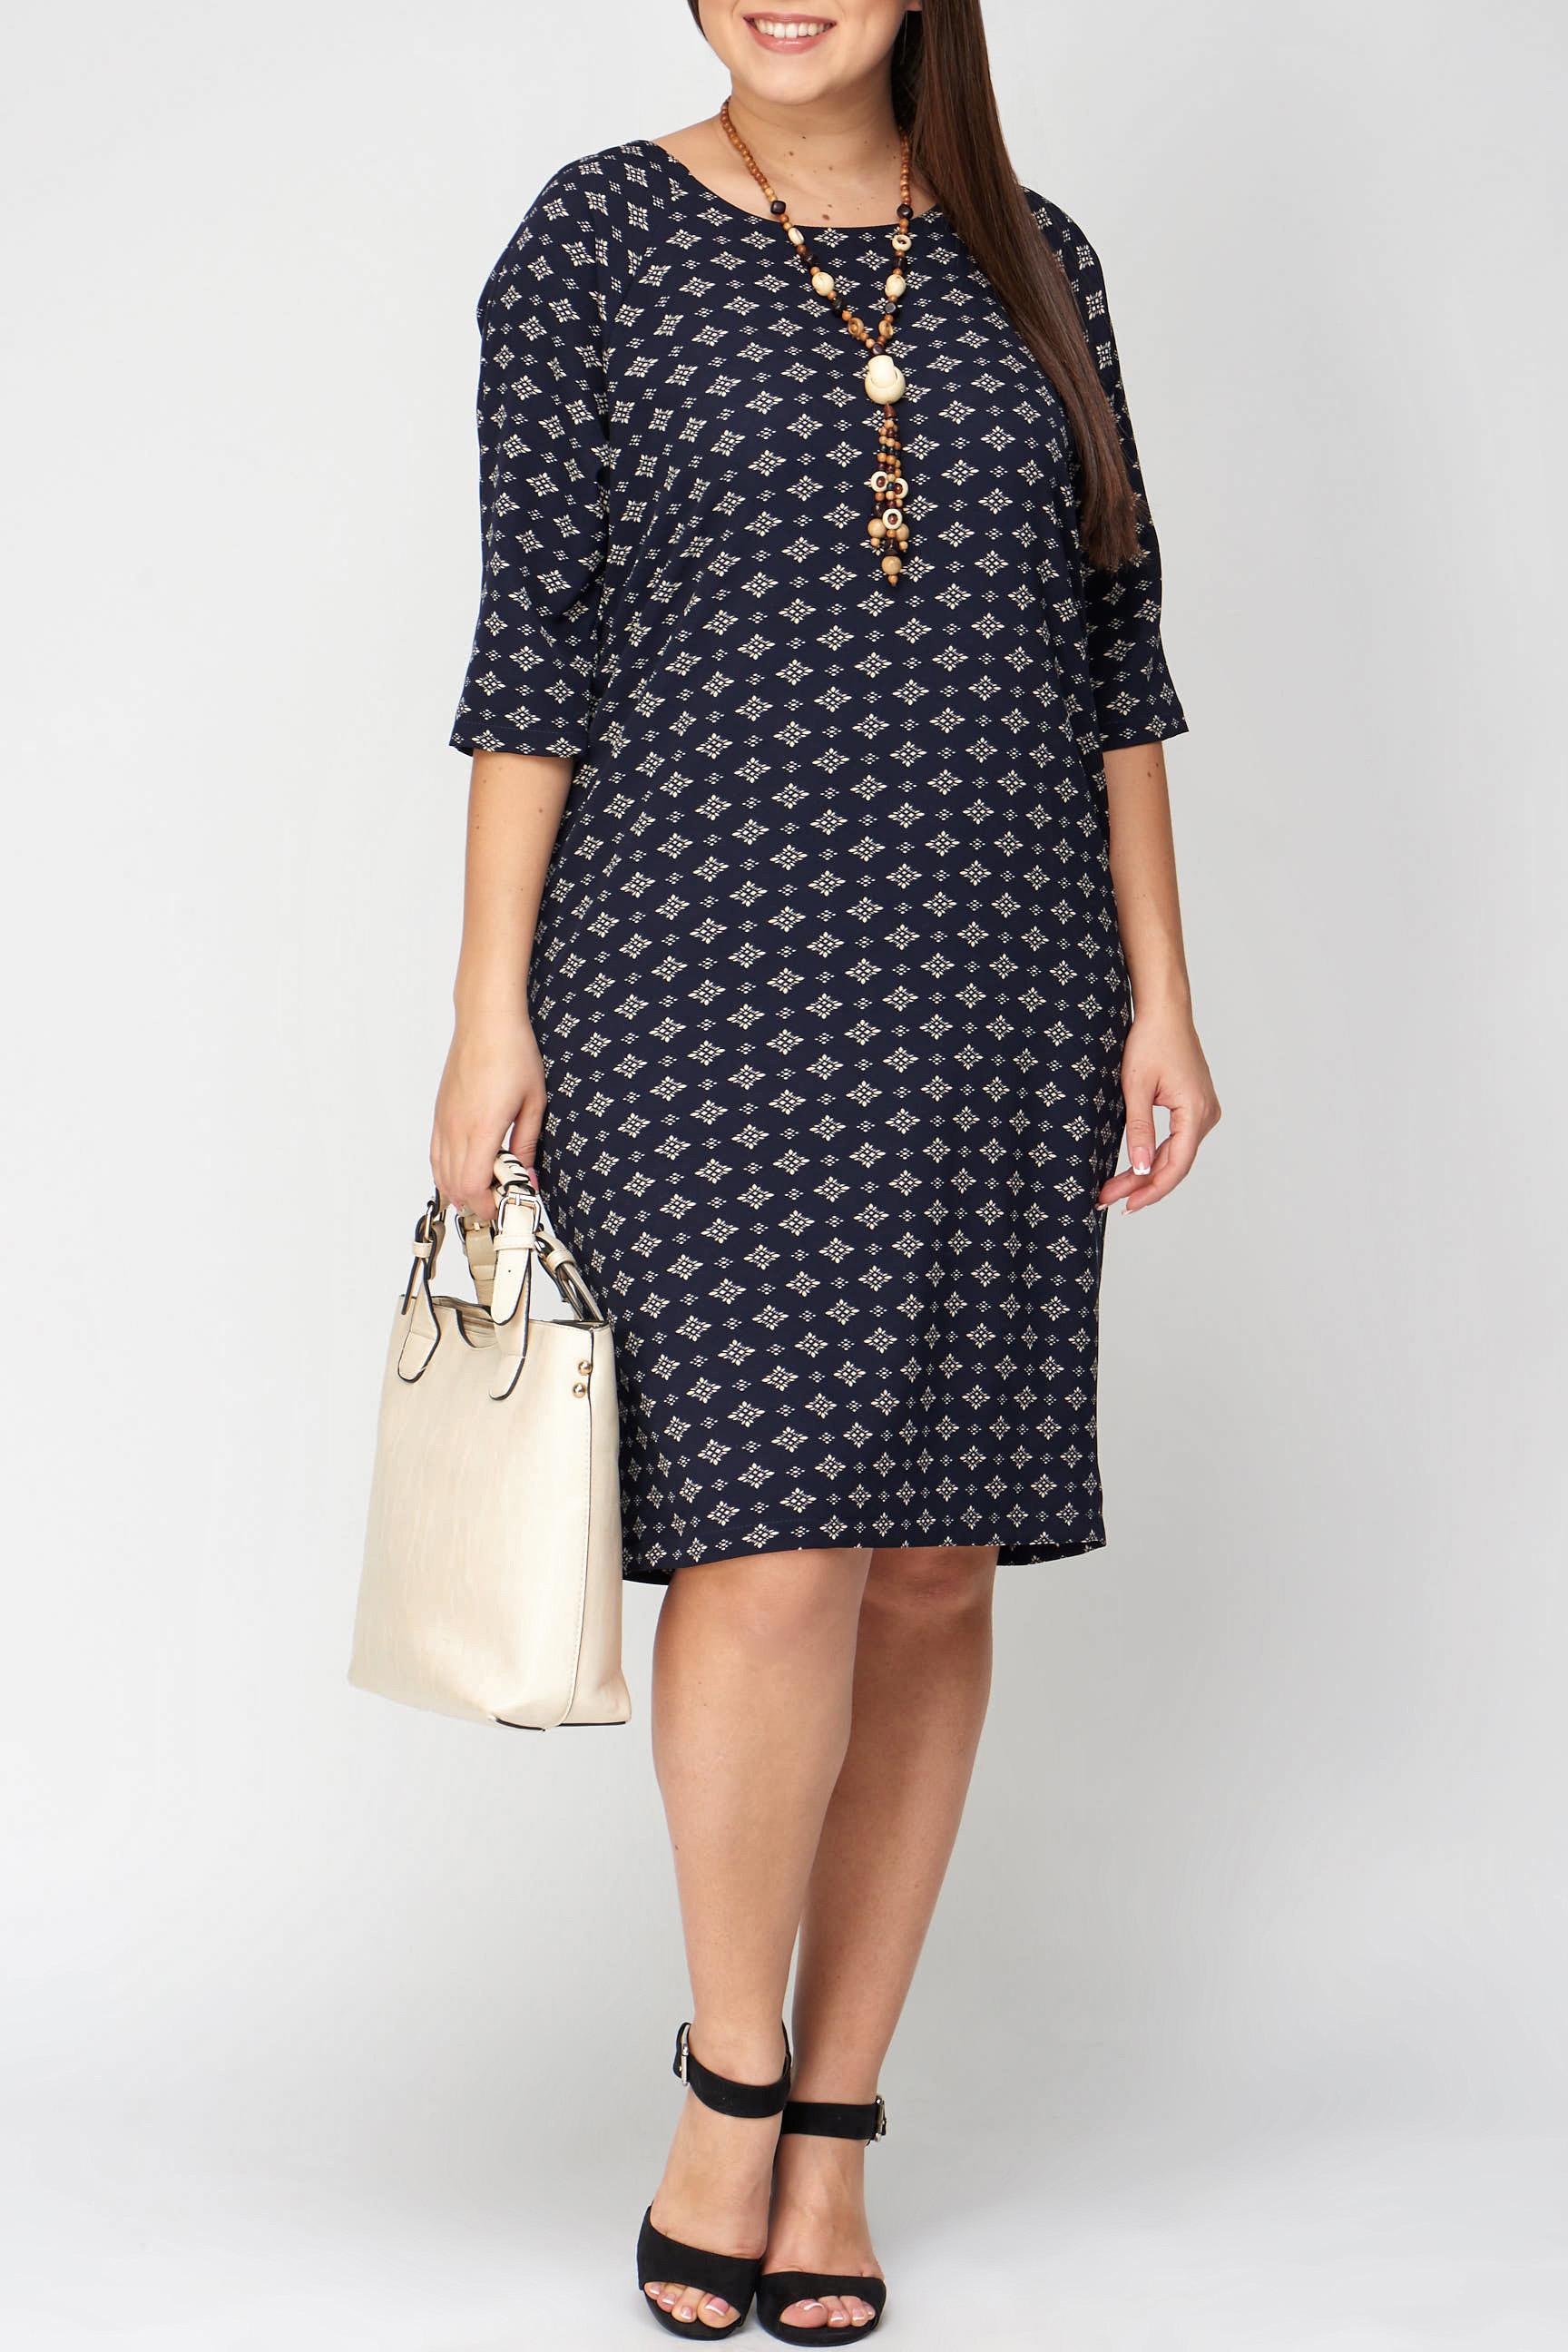 ПлатьеПлатья<br>Изысканное платье прямого силуэта с рукавом-реглан благородного темно-синего цвета с невероятно элегантным рисунком. Платье послужит настоящим украшением гардероба и будет превосходным вариантом для разных случаев.   В изделии использованы цвета: темно-синий, молочный  Рост девушки-фотомодели 176 см.<br><br>Горловина: С- горловина<br>По длине: Ниже колена<br>По материалу: Трикотаж<br>По рисунку: С принтом,Цветные<br>По силуэту: Прямые<br>По стилю: Повседневный стиль<br>По форме: Платье - футляр<br>Рукав: Рукав три четверти<br>По сезону: Осень,Весна,Зима<br>Размер : 50,56,58<br>Материал: Трикотаж<br>Количество в наличии: 4